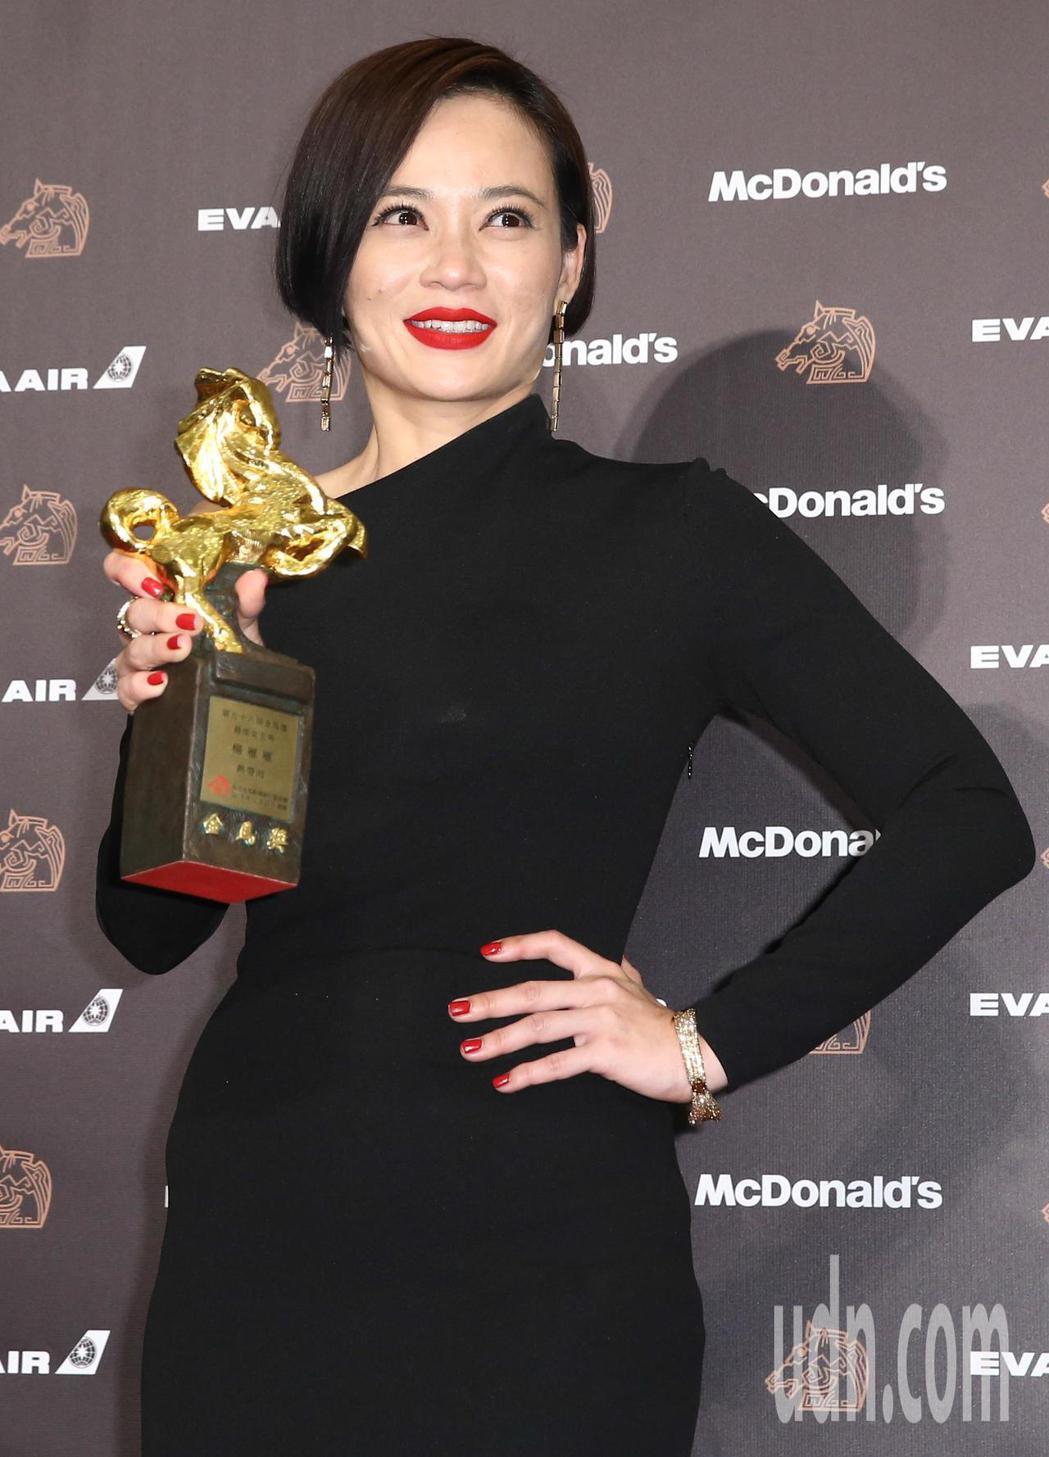 第56屆金馬獎頒獎典禮,楊雁雁以「熱帶雨」獲最佳女主角。記者曾原信/攝影